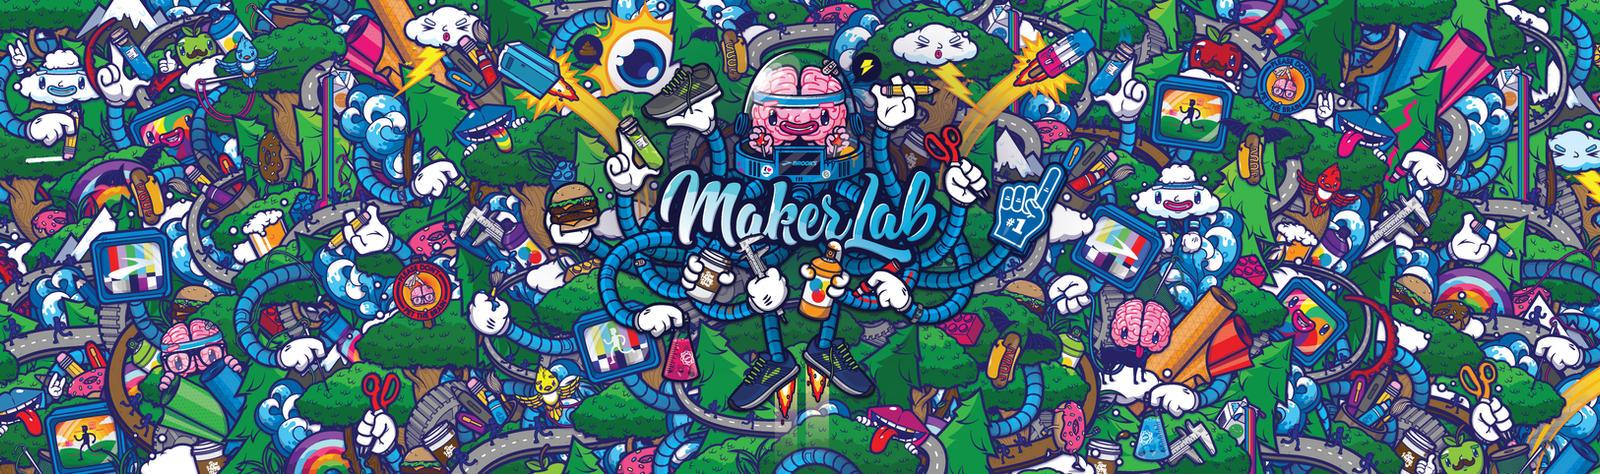 Brooks MakerLab 2018